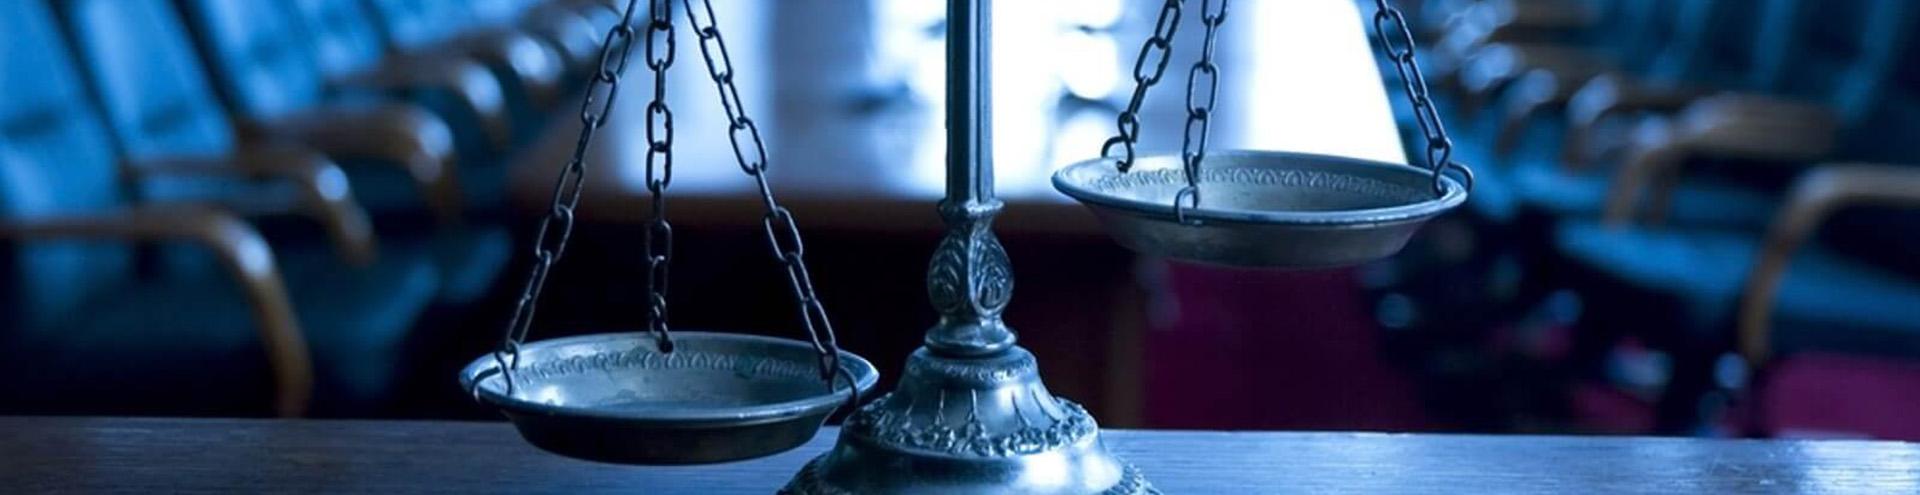 юридические услуги в Саратове